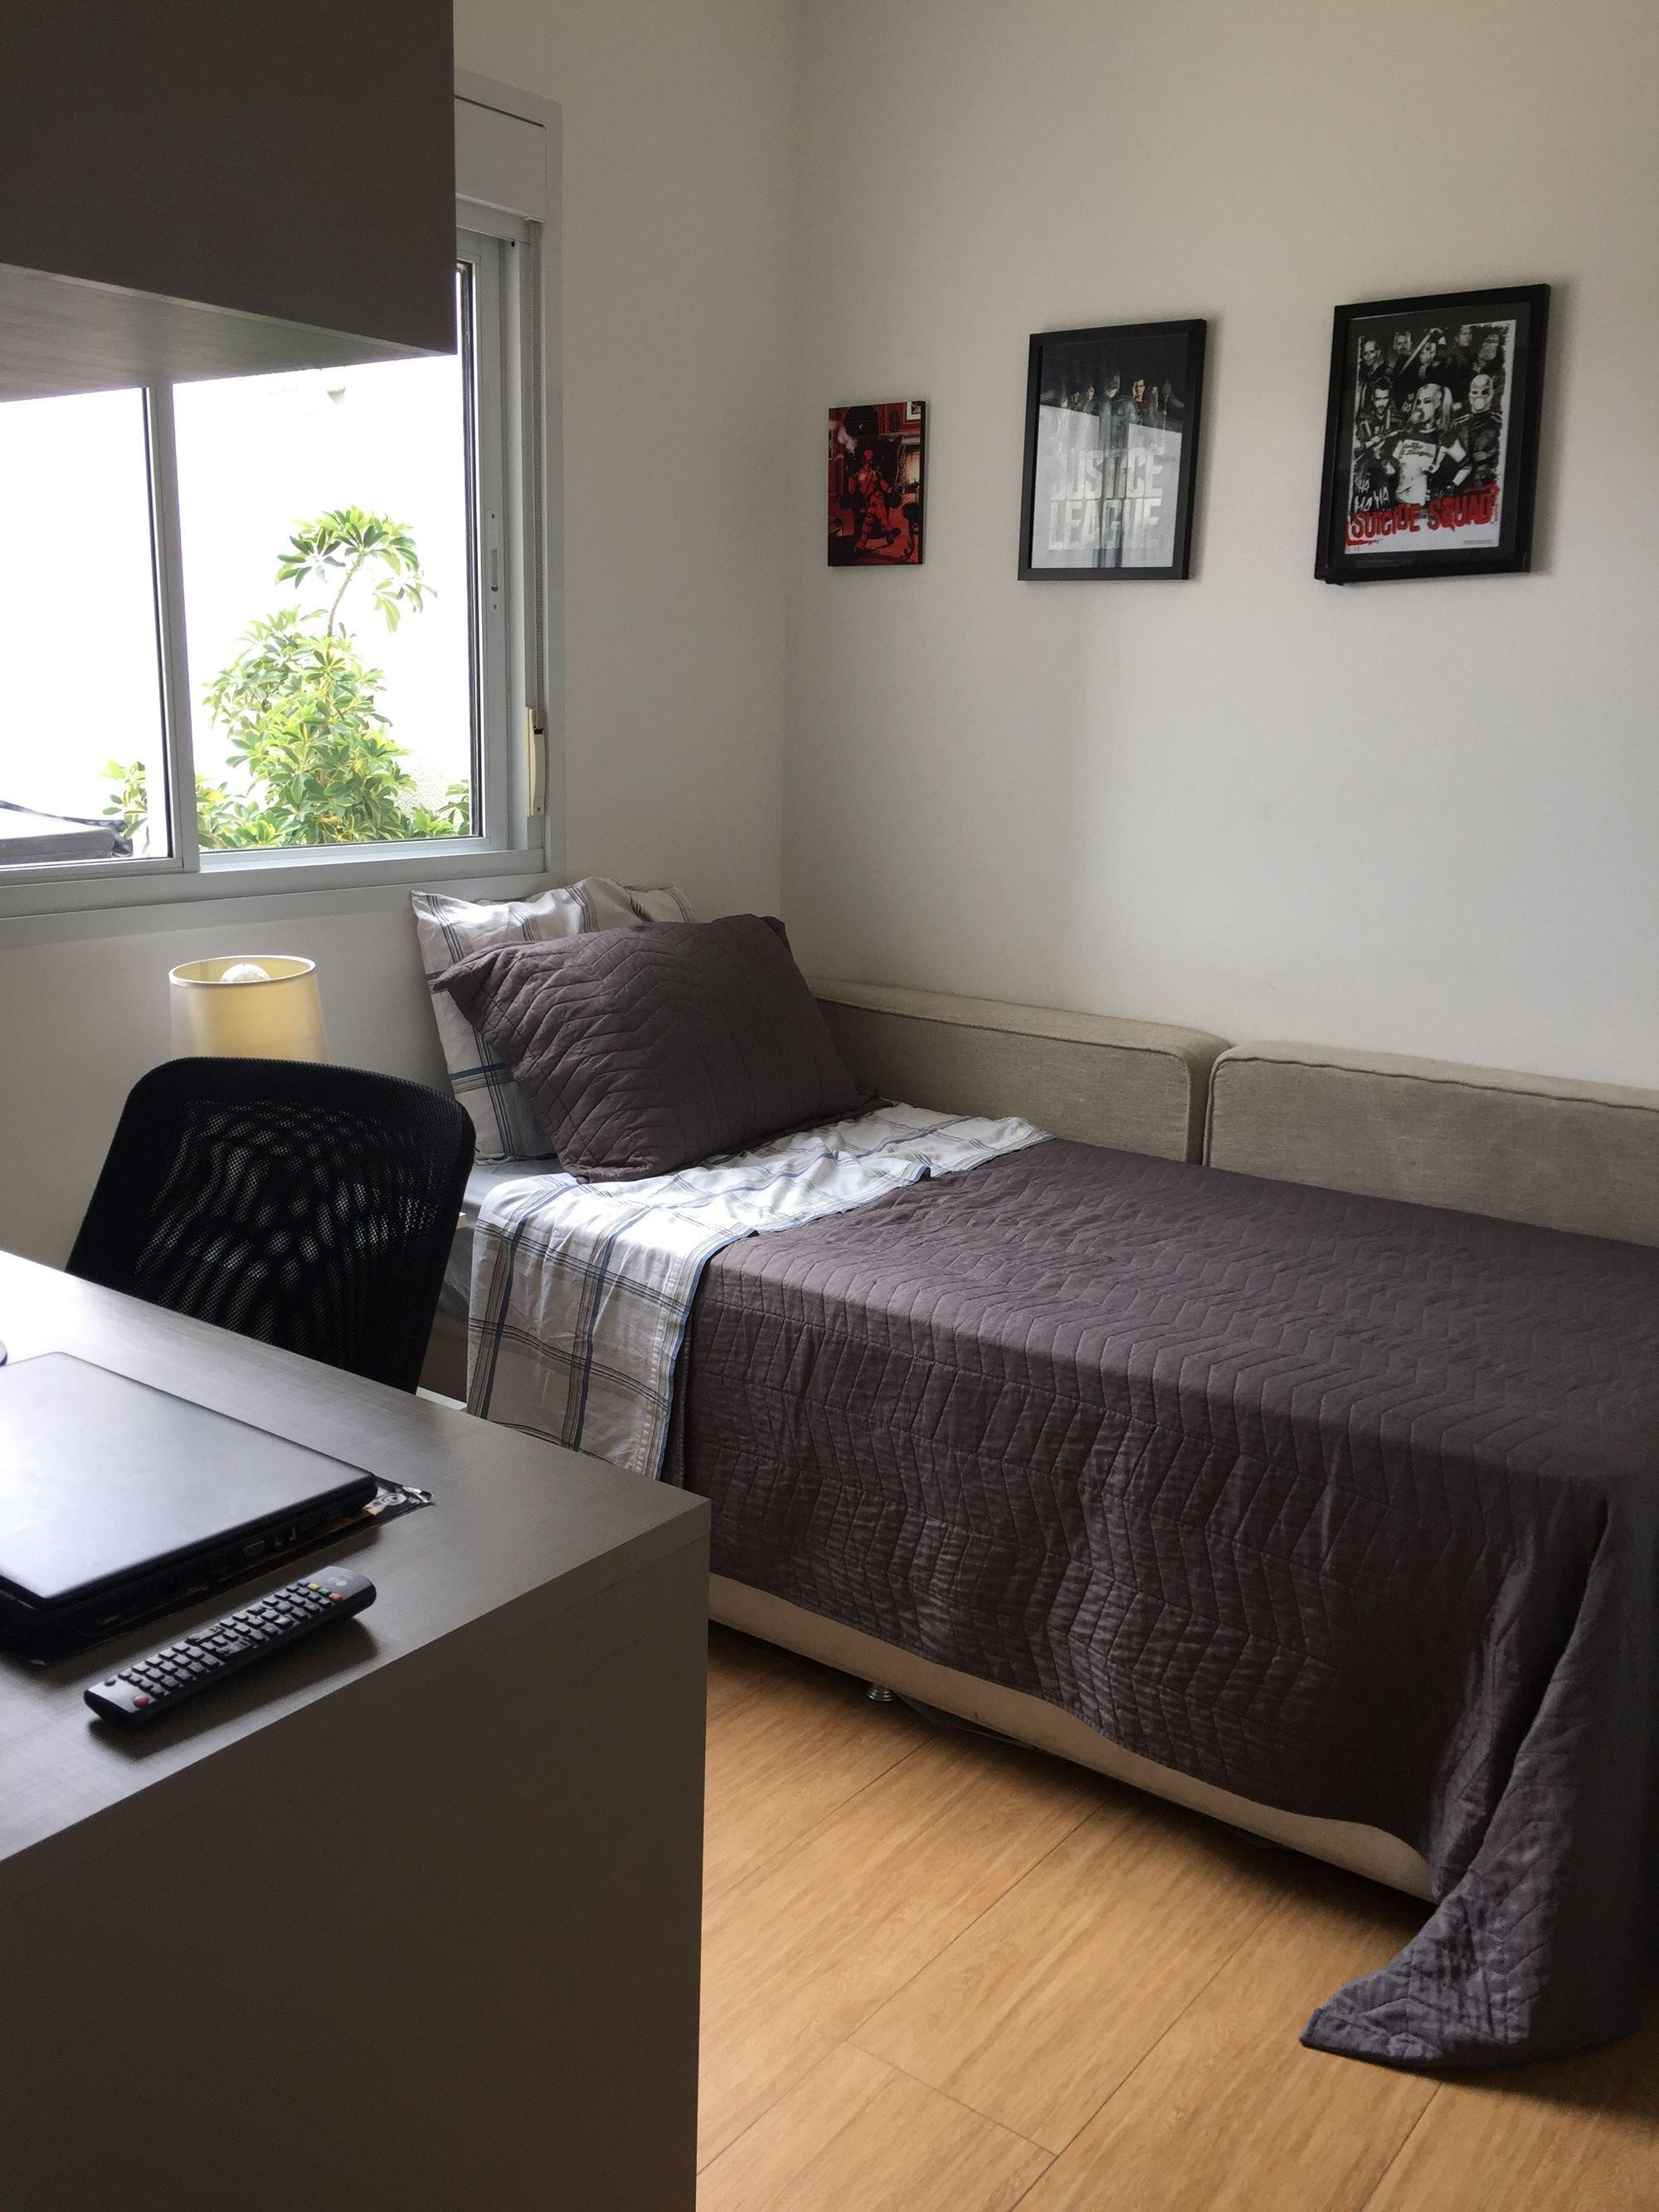 Foto de Quarto com cama, controle remoto, computador portátil, cadeira, mesa de jantar